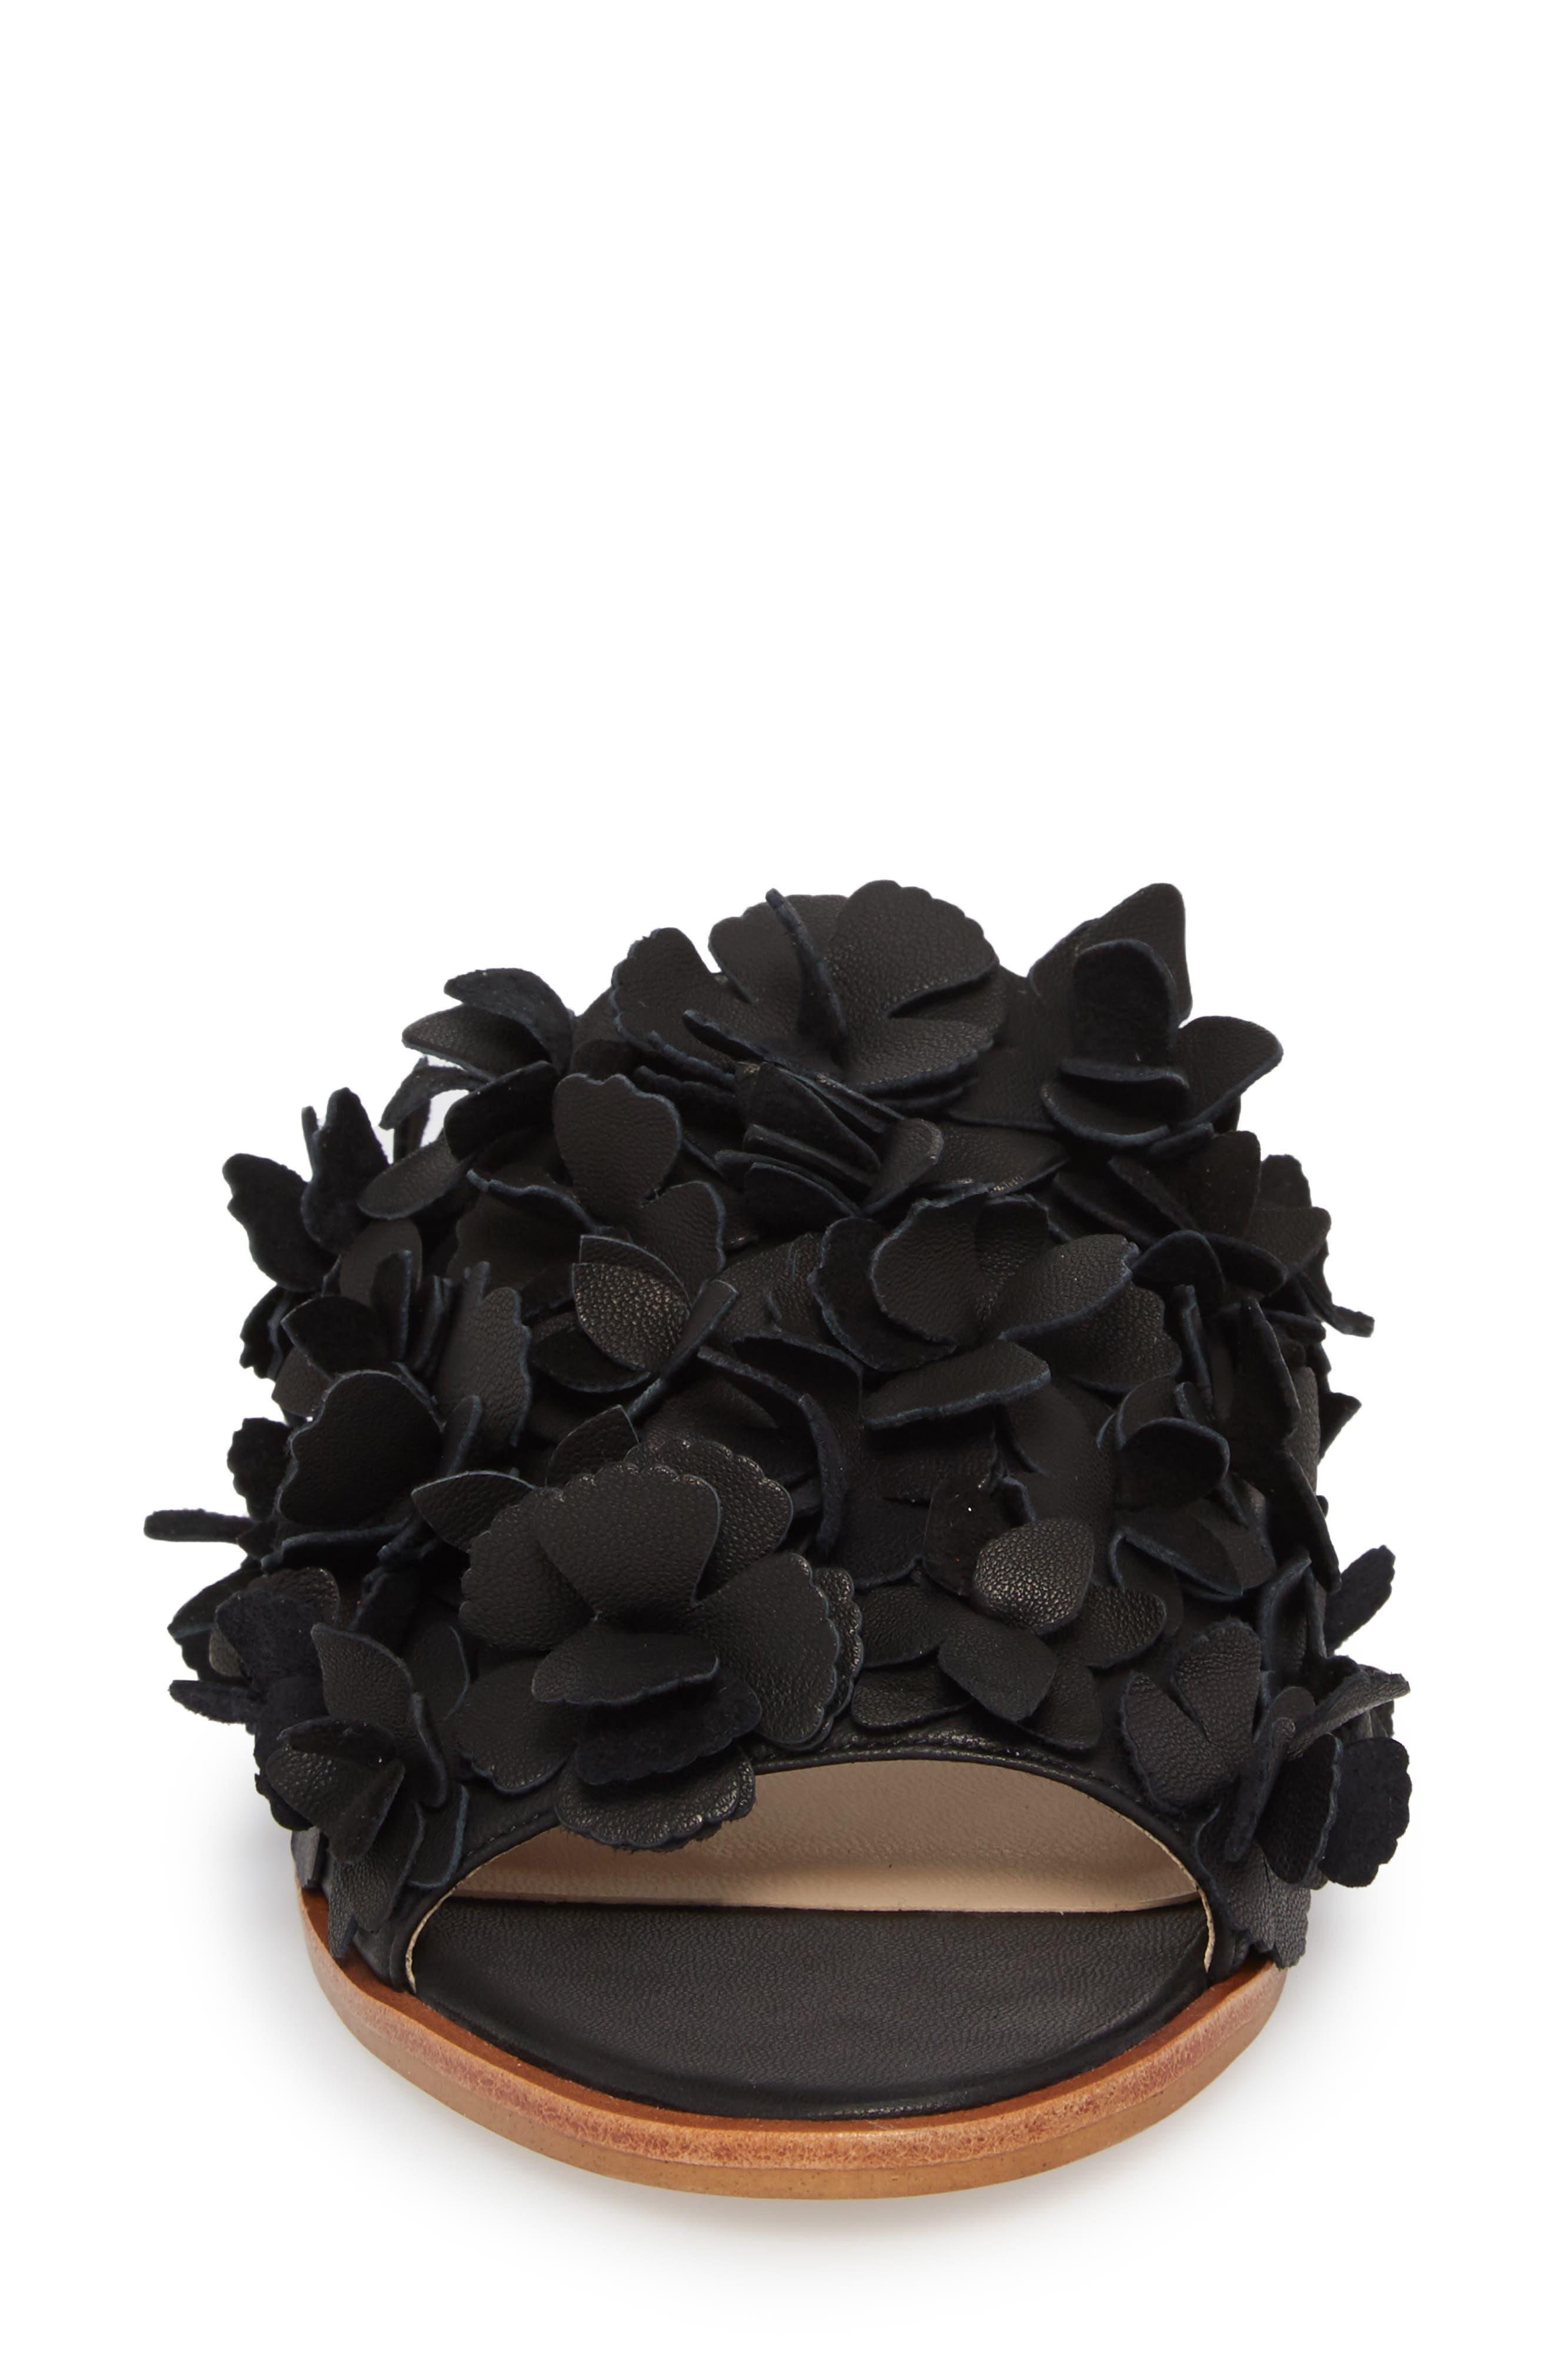 Caelyn Embellished Flat Sandal,                             Alternate thumbnail 4, color,                             BLACK